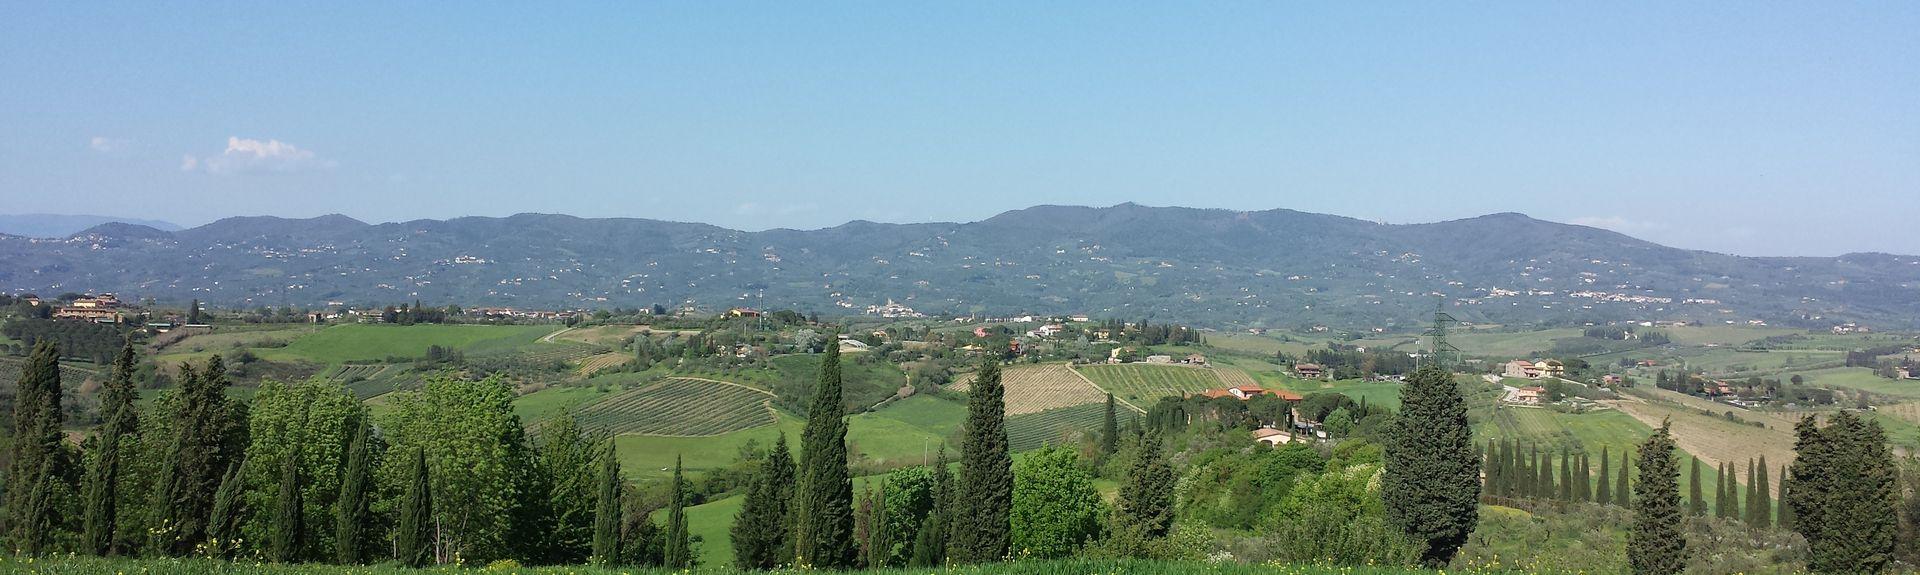 Artimino, Carmignano, Toscane, Italie